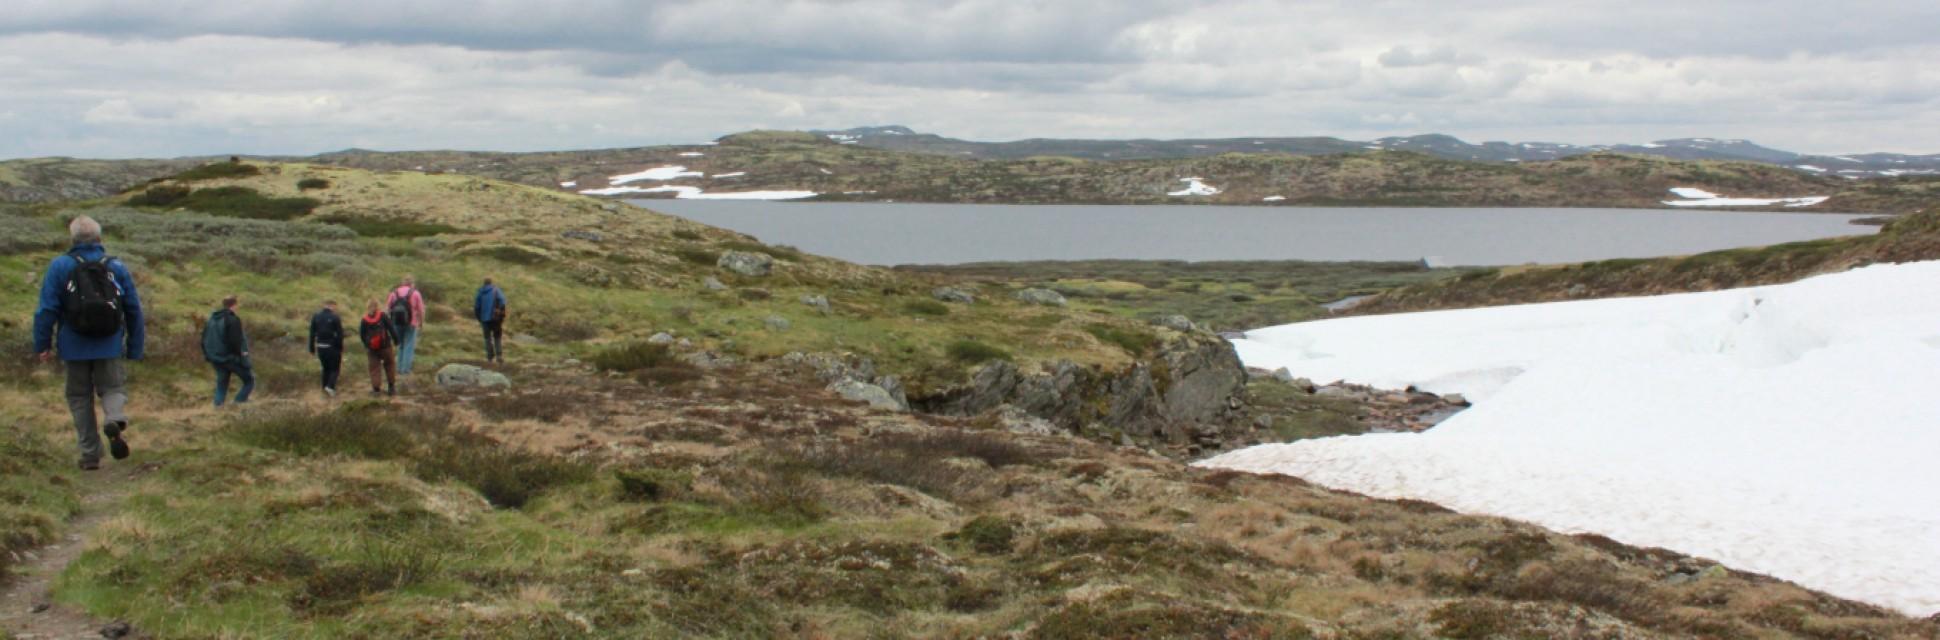 Meteoriet  Inslag in Noorwegen